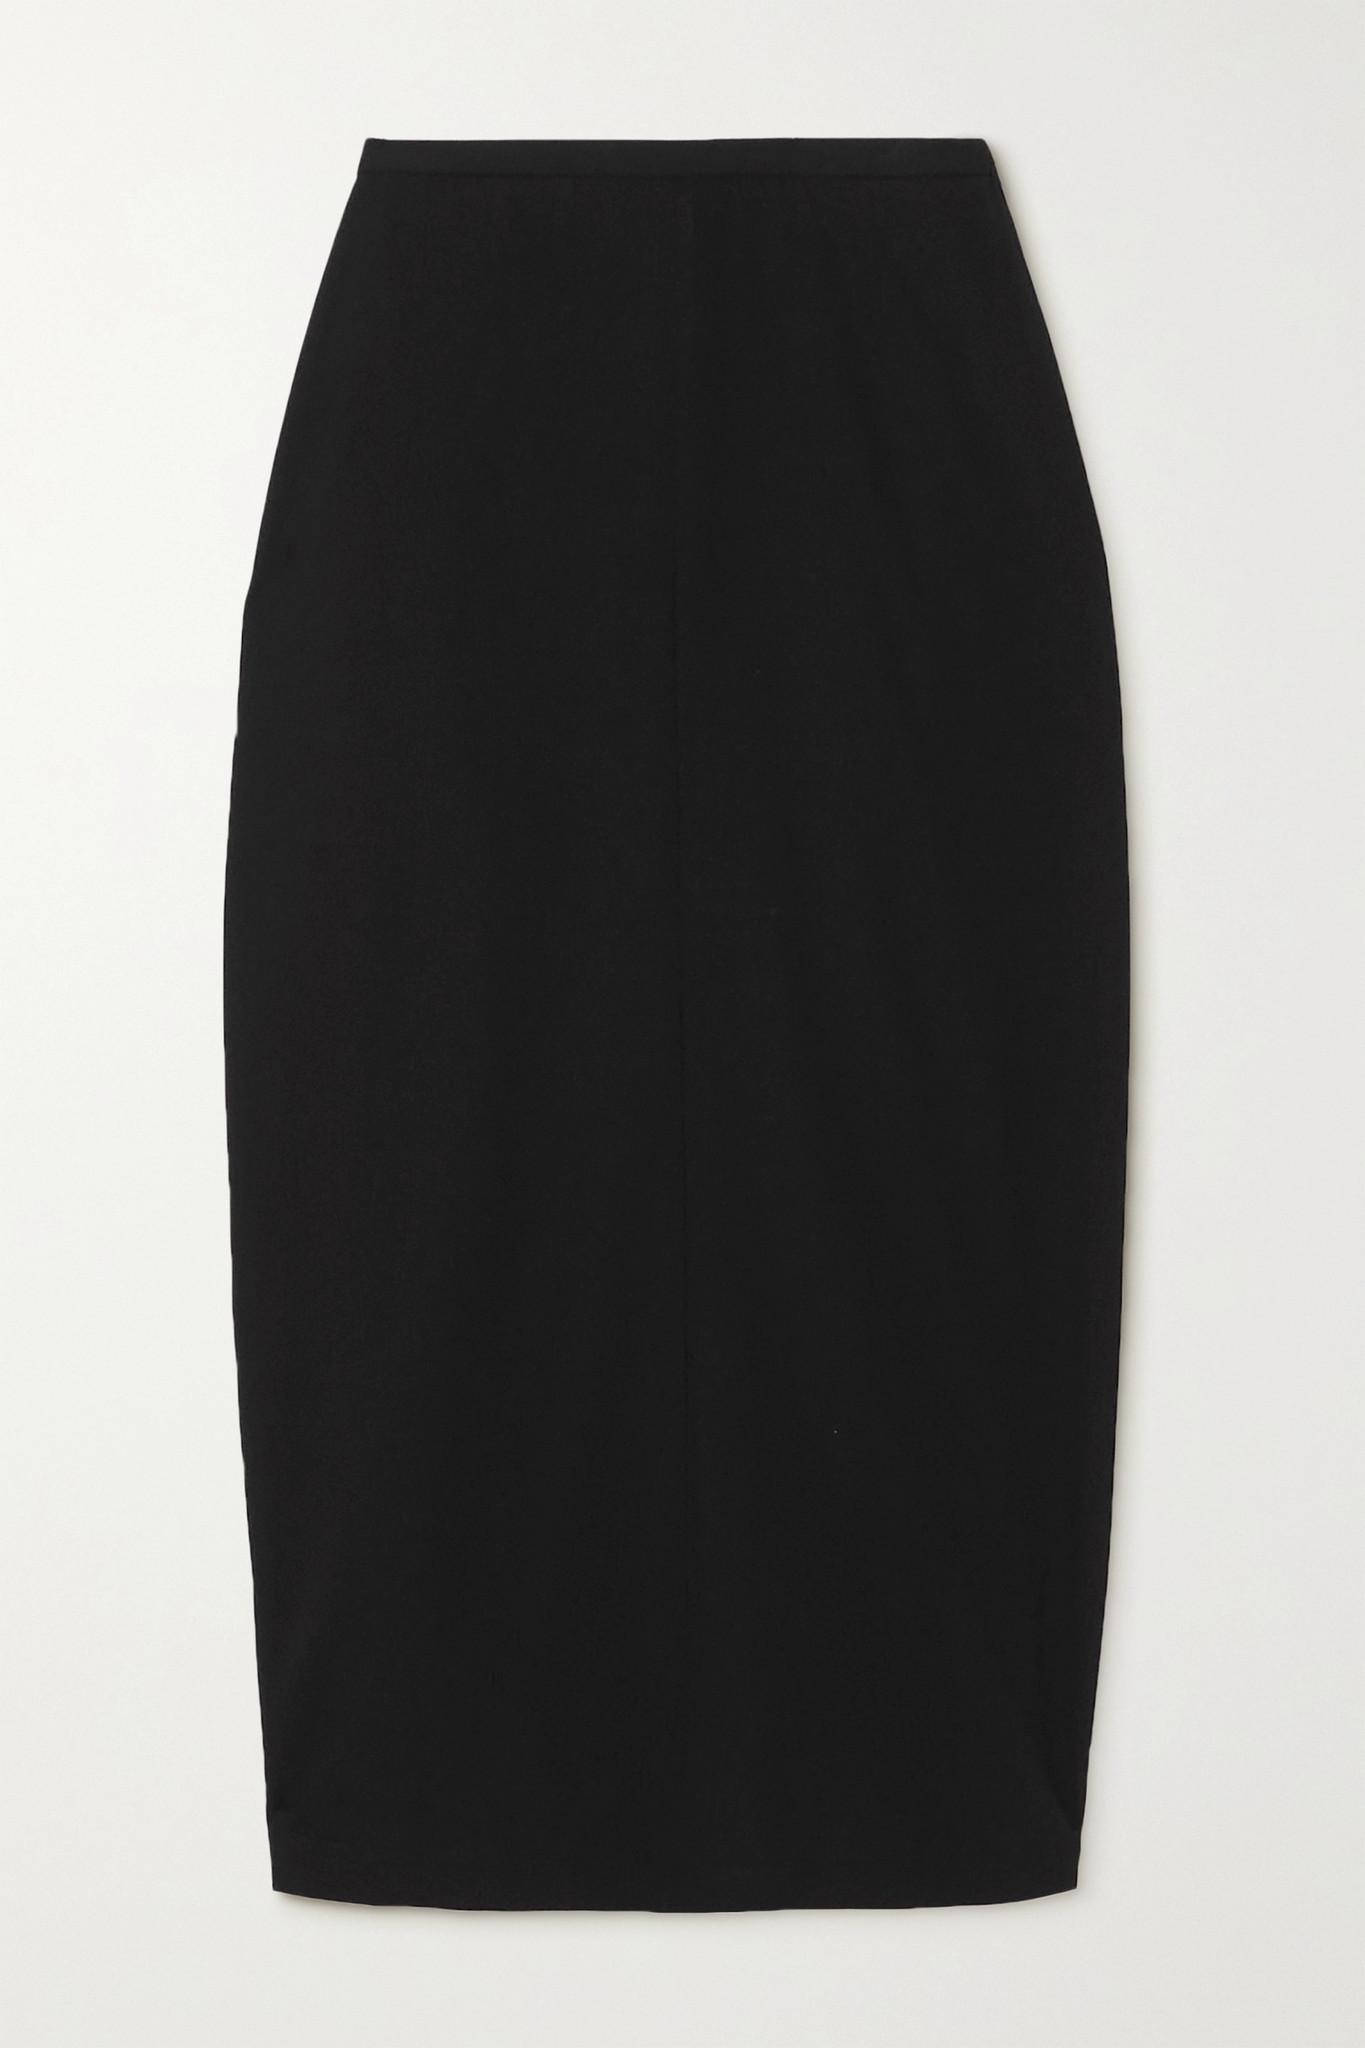 THE ROW - Matias 梭织中长半身裙 - 黑色 - US6